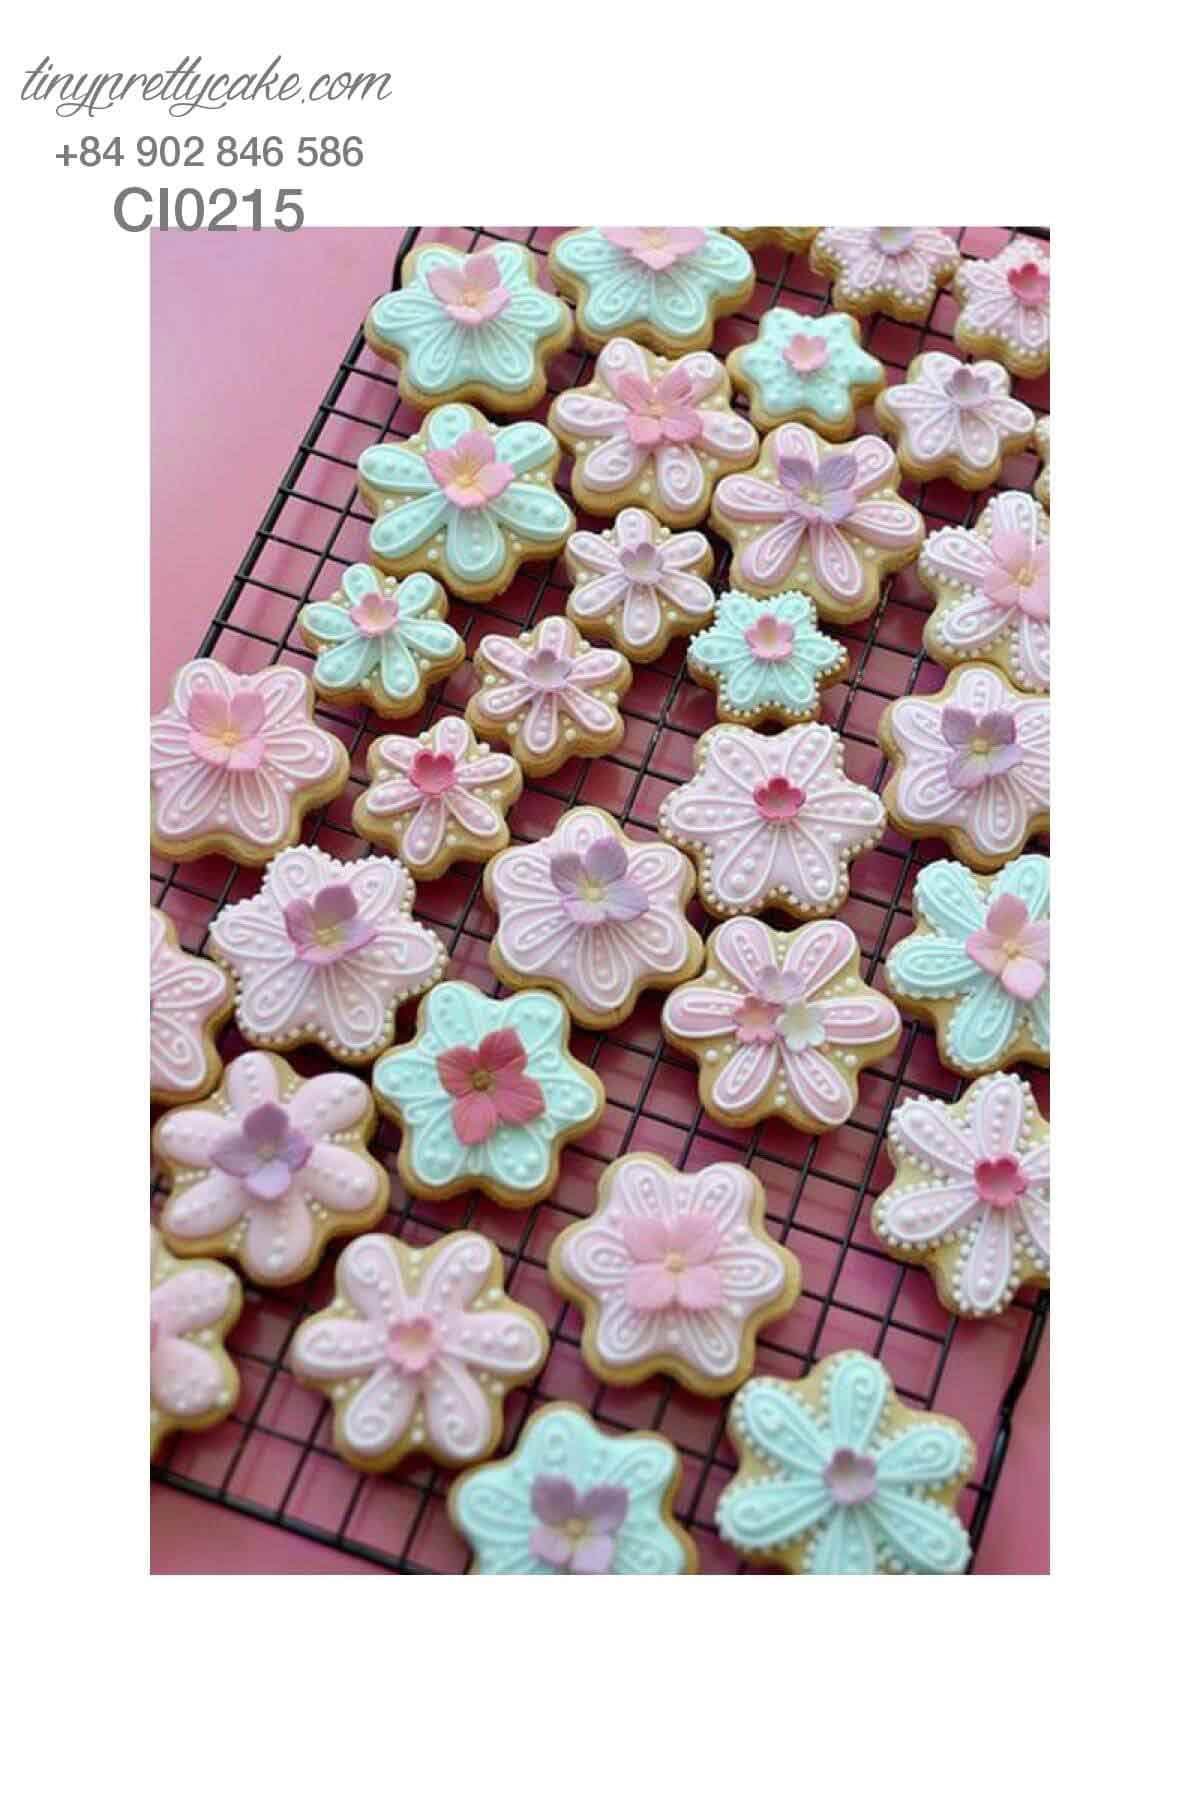 bánh cookie hoa màu sắc nhẹ nhàng